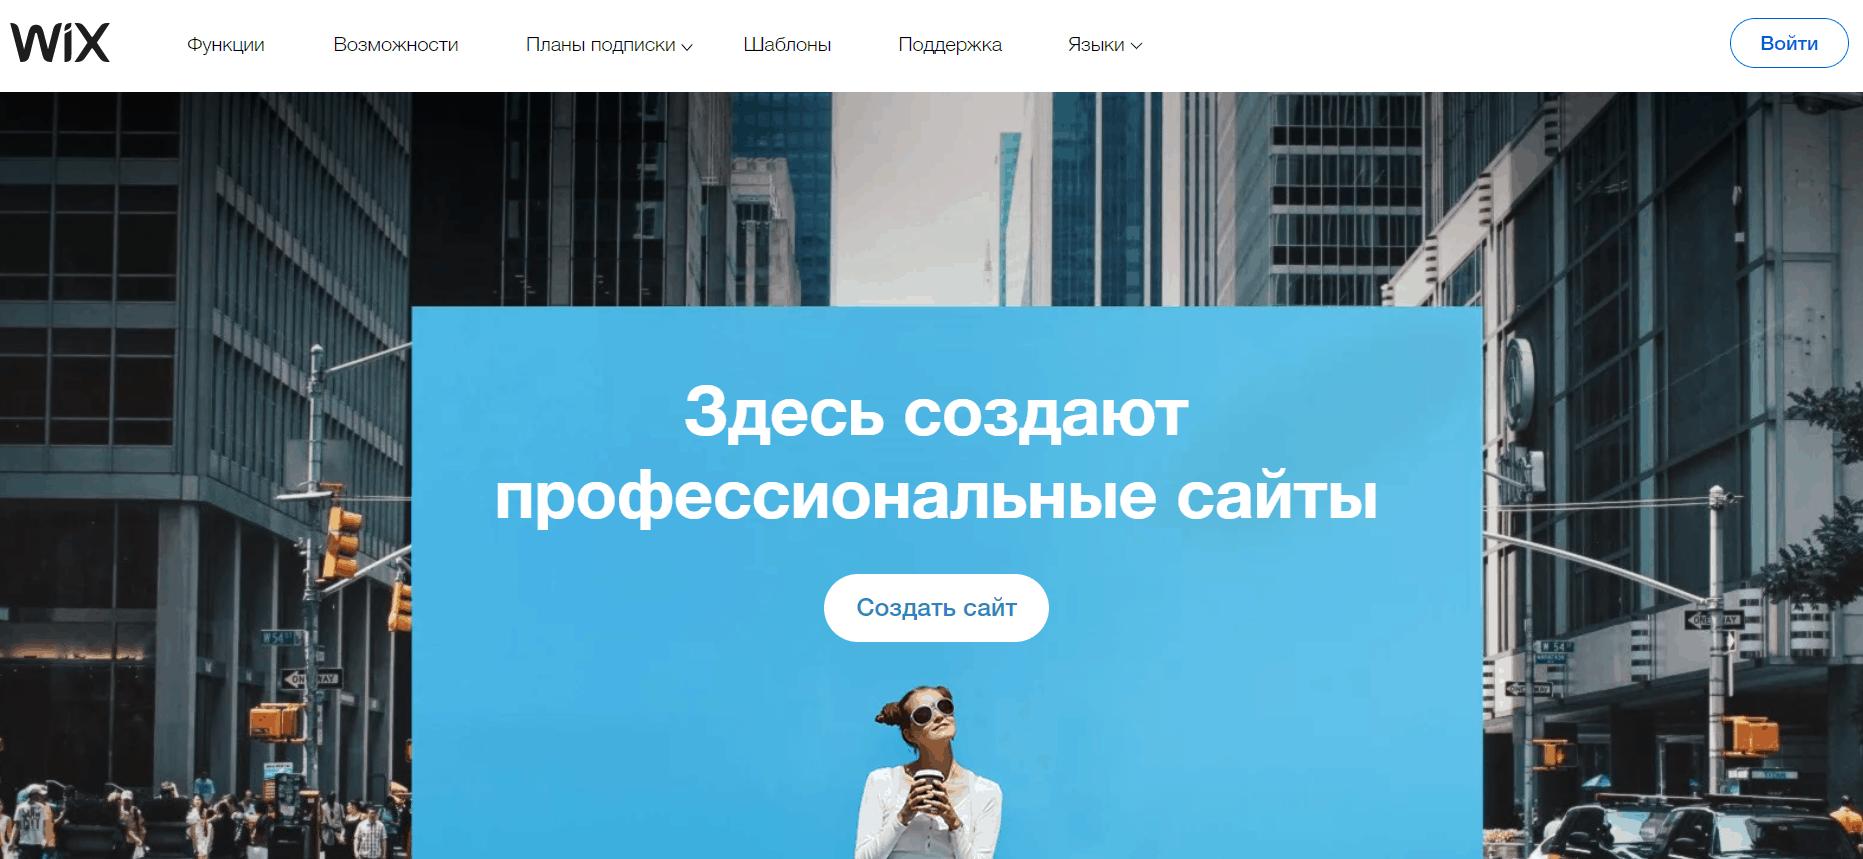 Wix — конструктор веб-сайтов